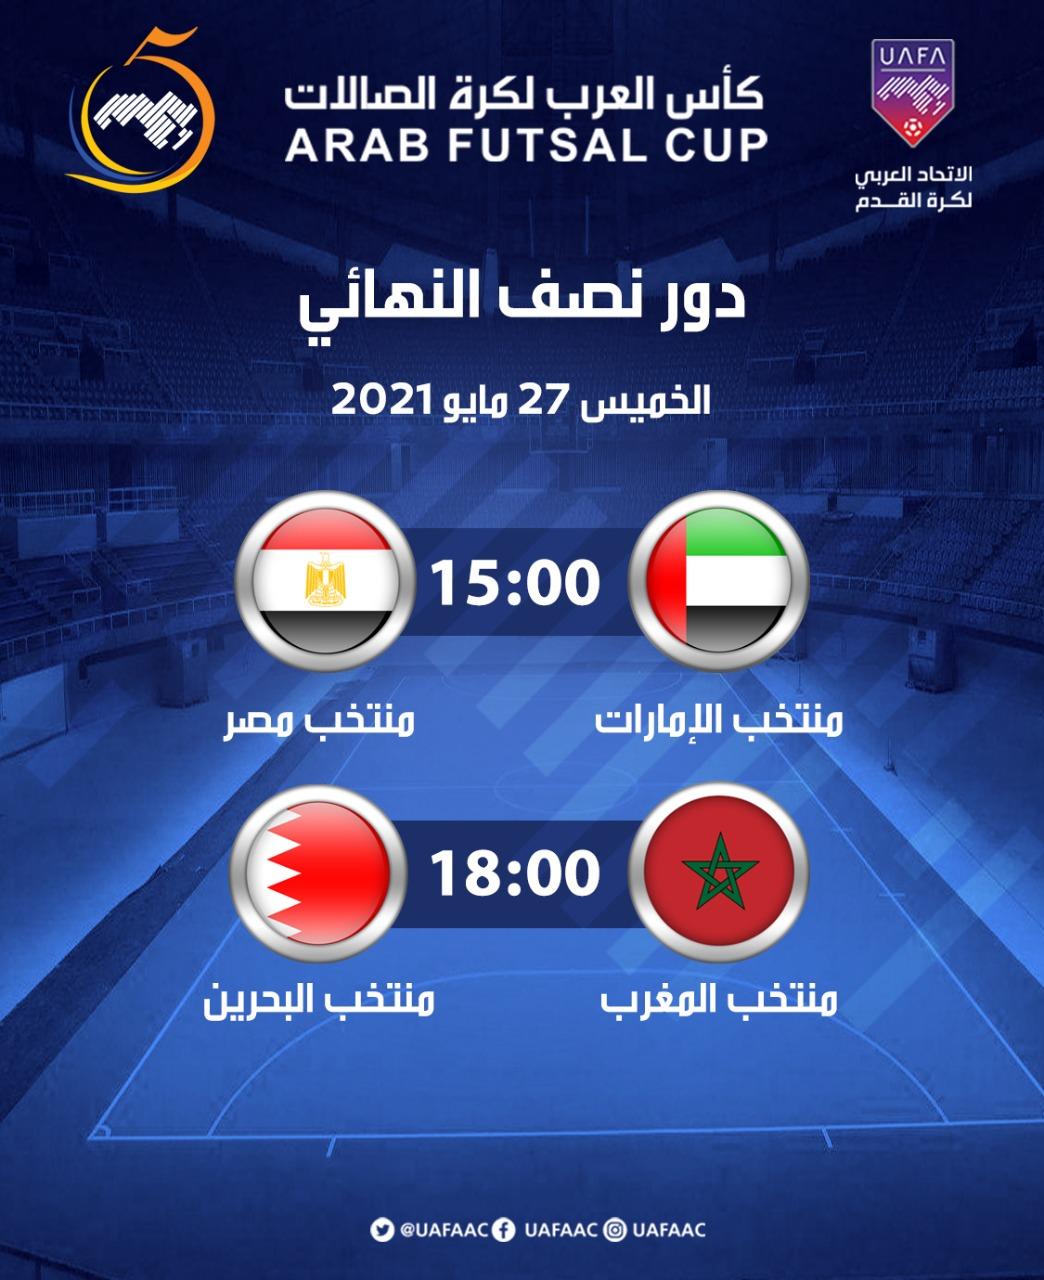 كأس العرب: نصف نهائي حارق ينتظر أسود القاعة أمام البحرين